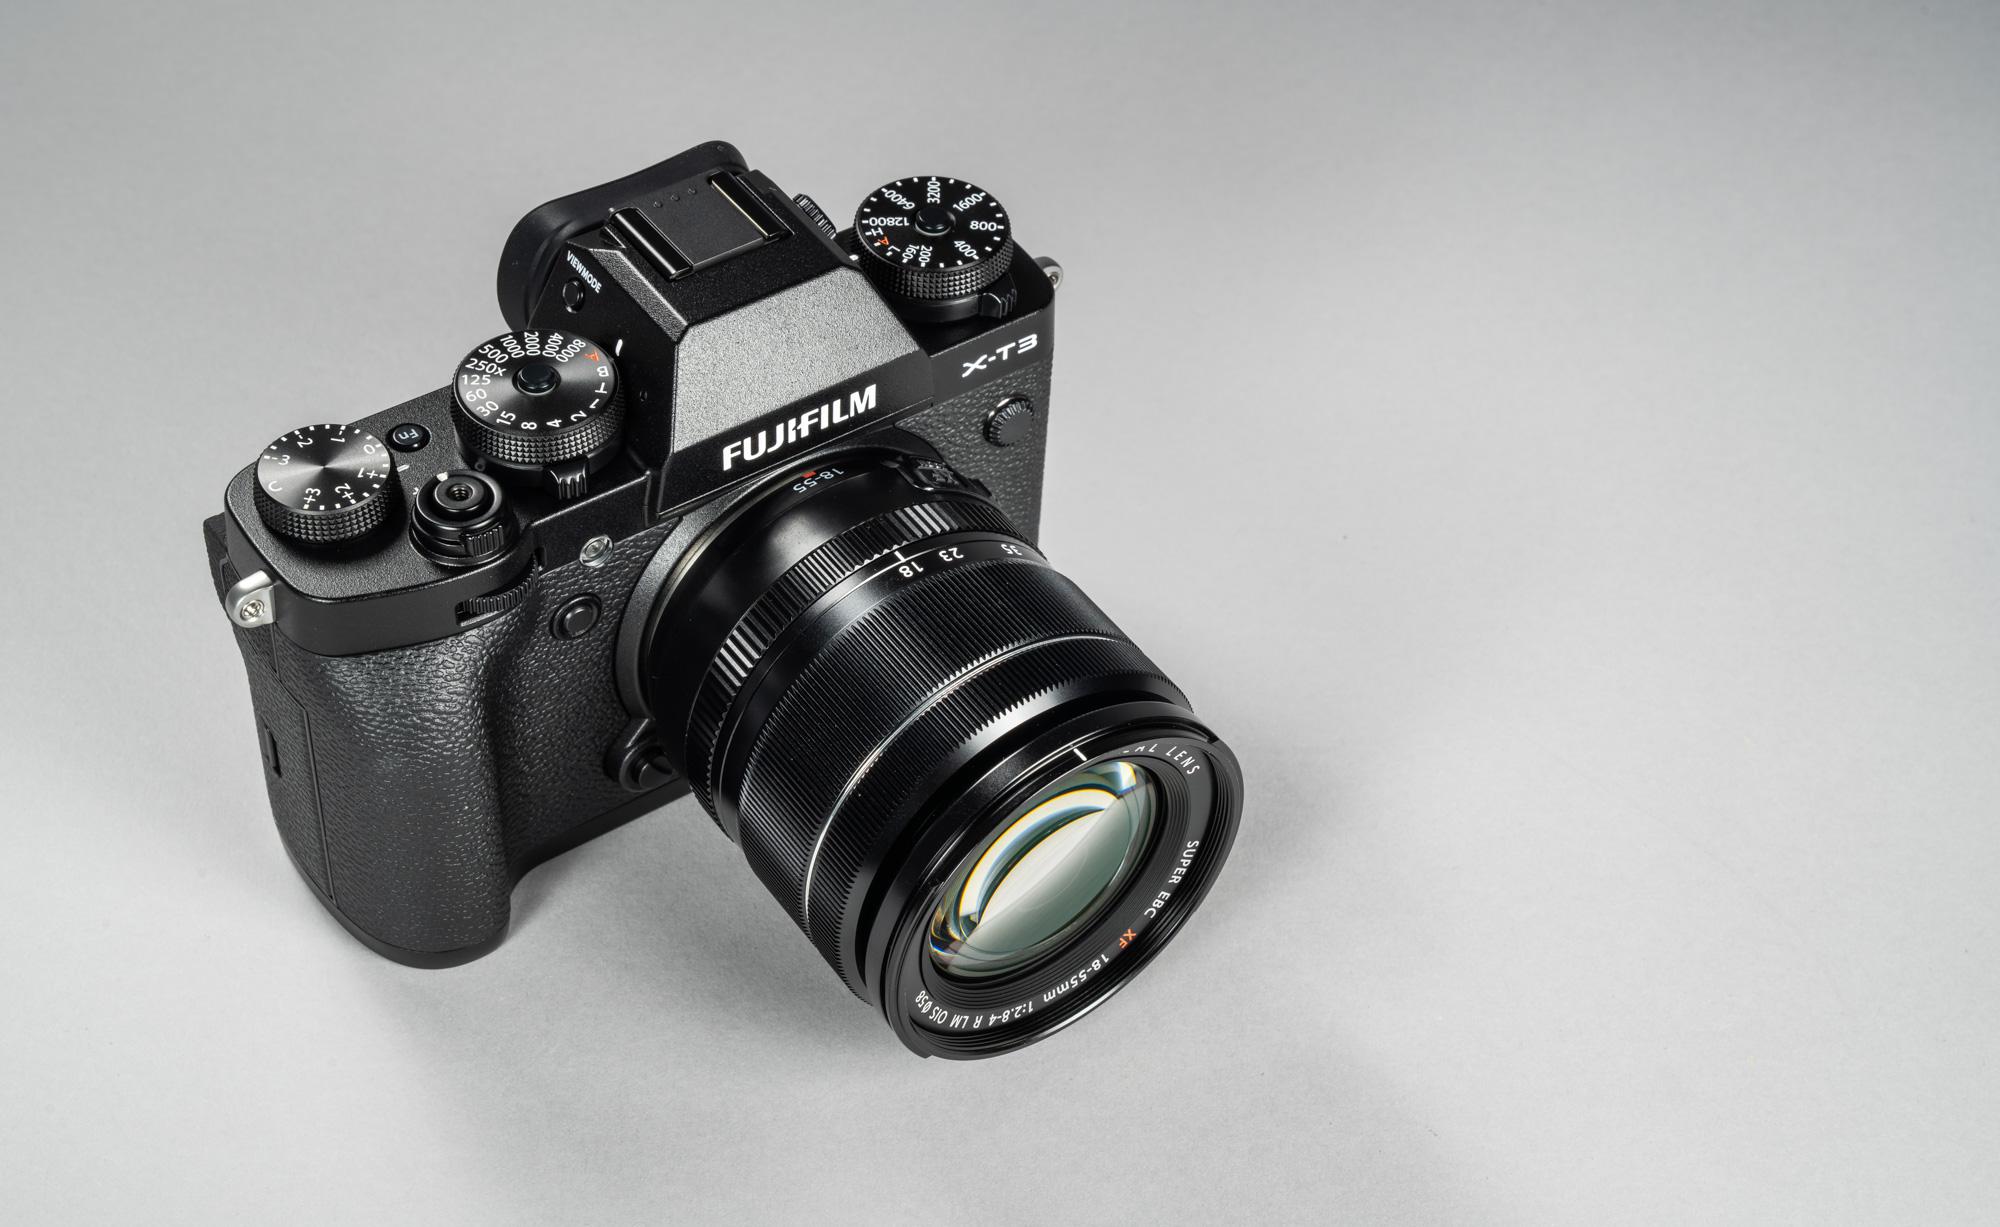 9d834673dc8 18-55mm f/2.8-4 standardsuumiga varustatult on Fujifilm X-T3 peaaegu  algtaseme peegelkaamera mõõtu – ehk üsna suur fotoaparaat. Kui tahta X-T3  ette midagi ...